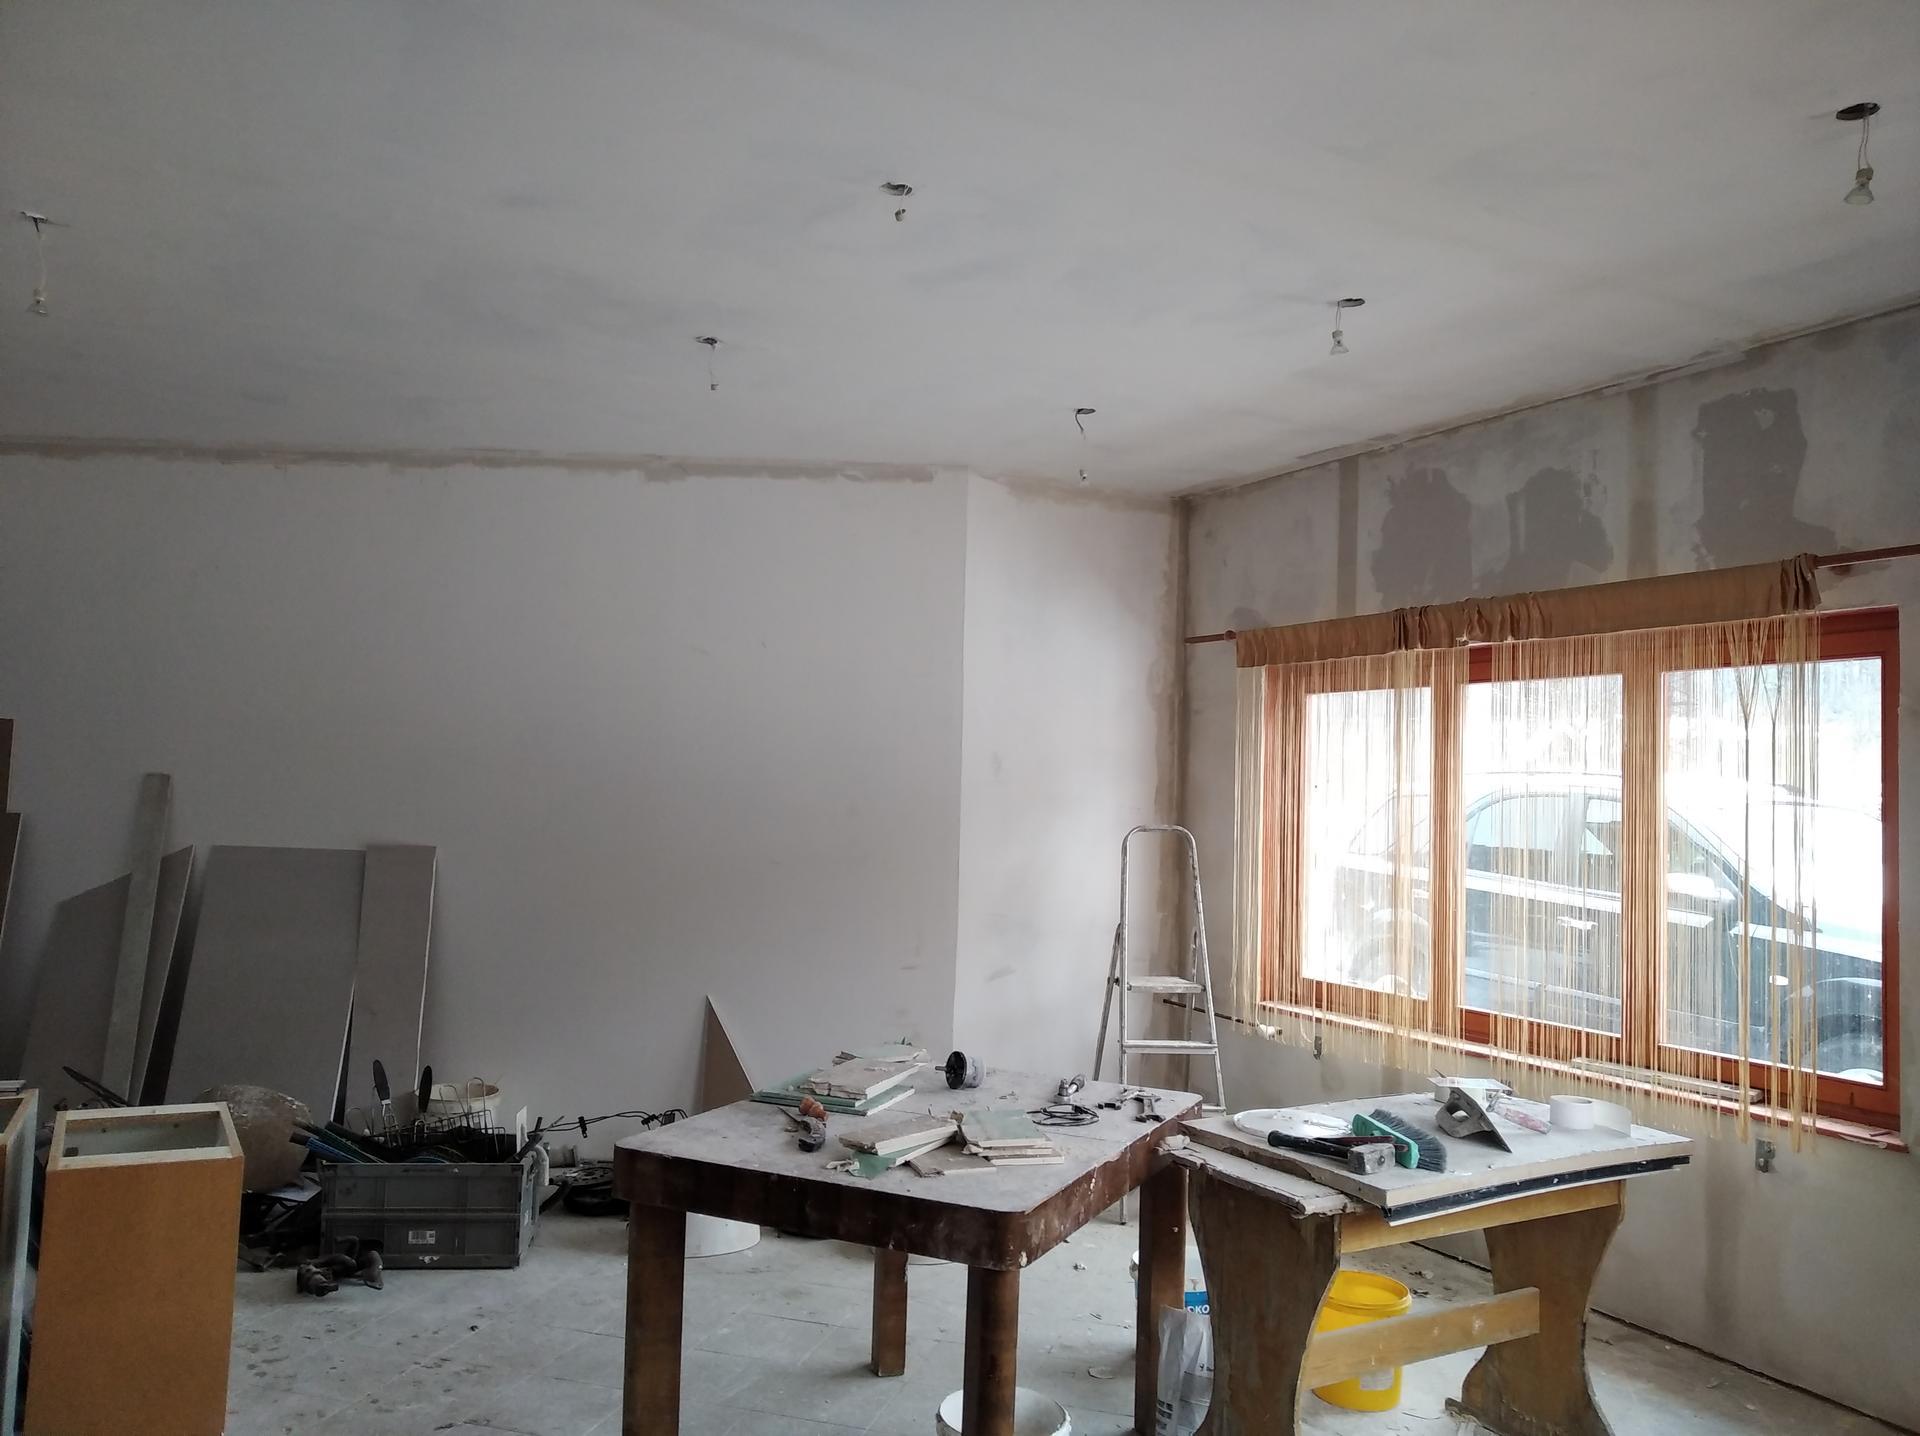 Přestavba hospůdky na bydlení - Obrázek č. 65